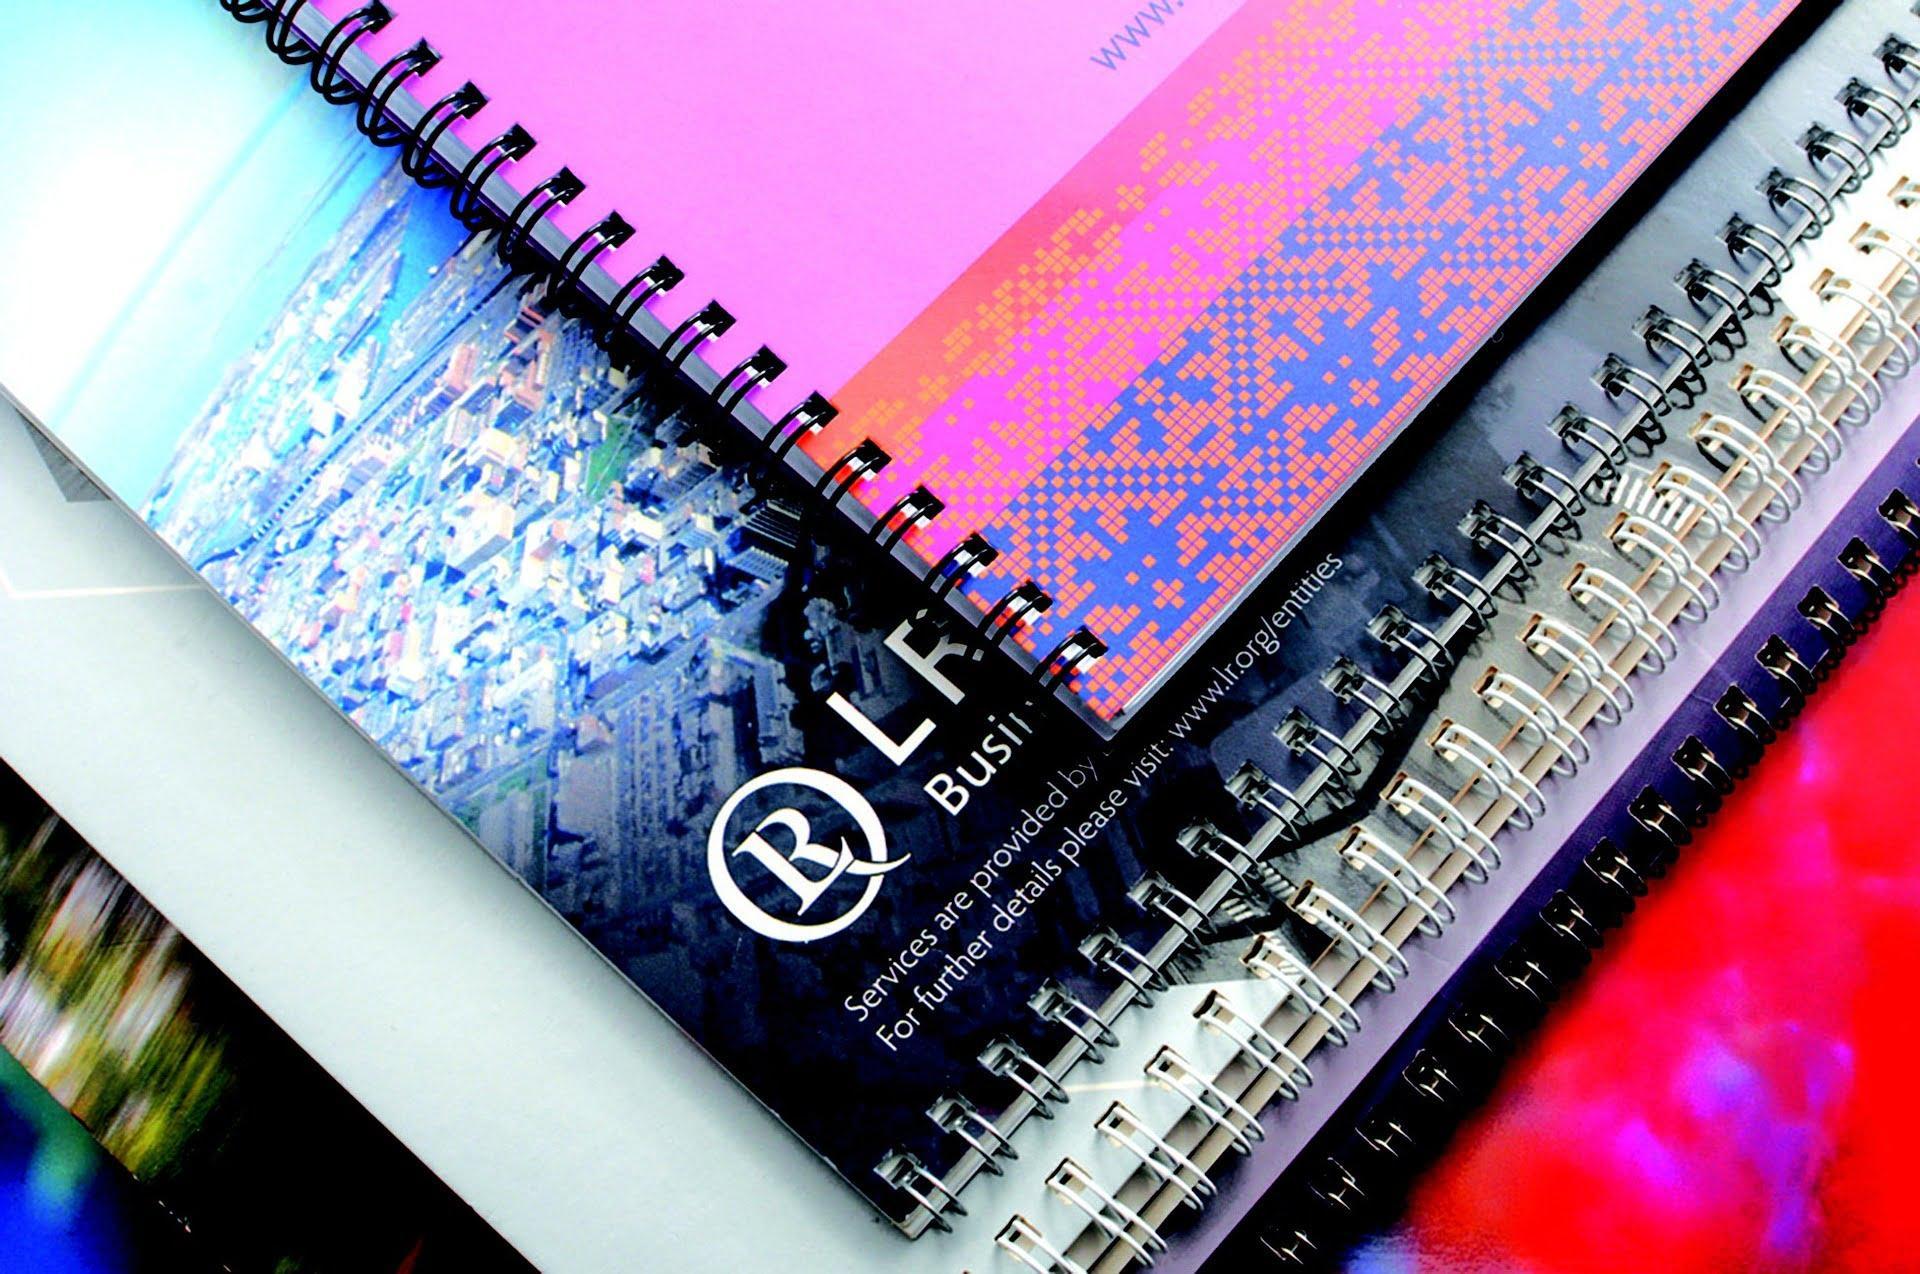 Spiraljenje koledarjev, tisk majic, novoletni program, koledarji, tisk na majice, tampotisk, sitotisk, potisk poslovnih daril, poslovna darila, D-design 101